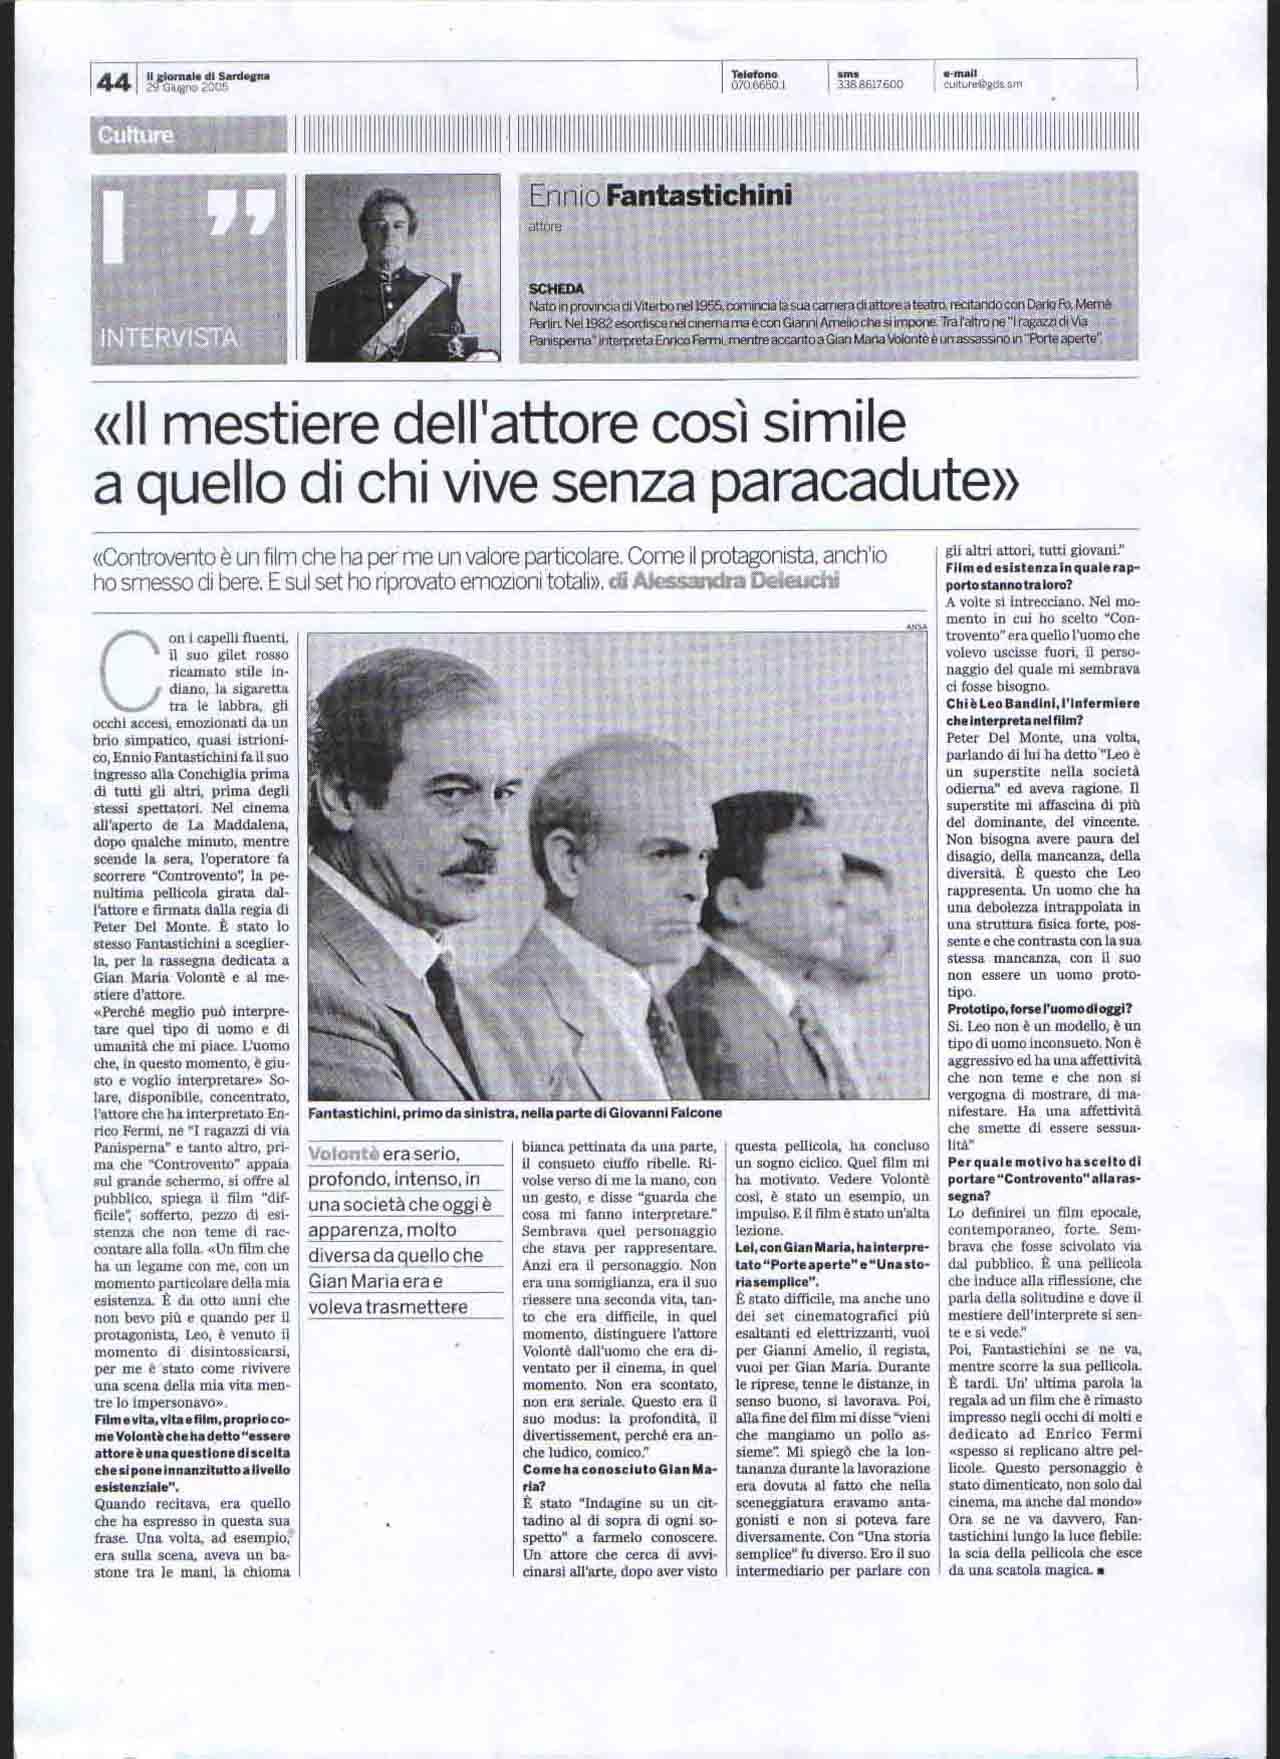 Il giornale di Sardegna 29 giu 2005